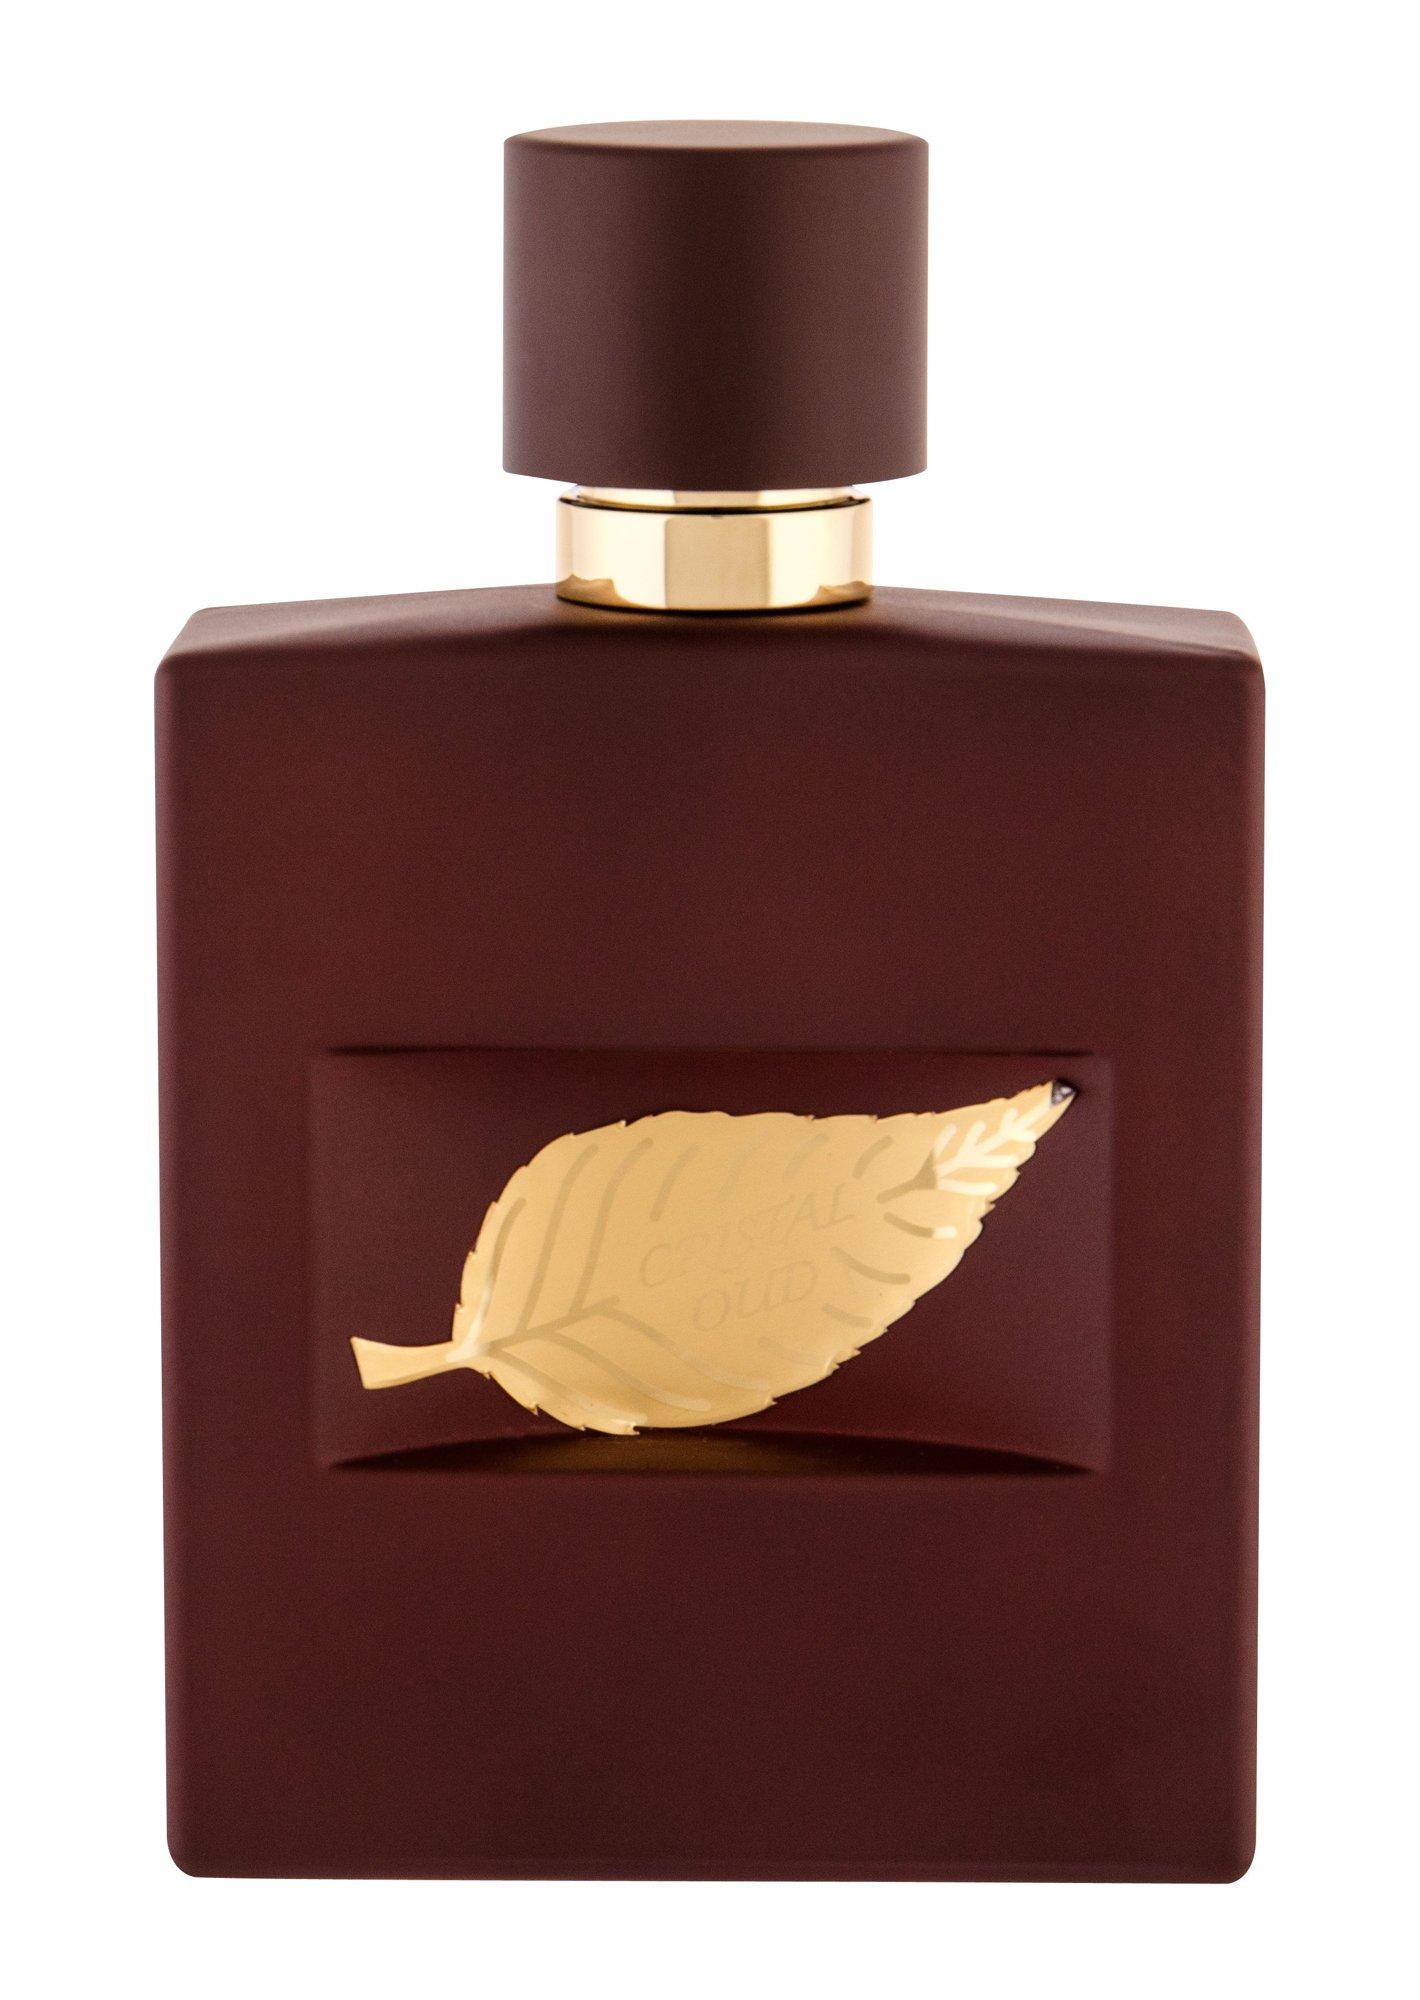 Mauboussin Cristal Oud Eau de Parfum 100ml